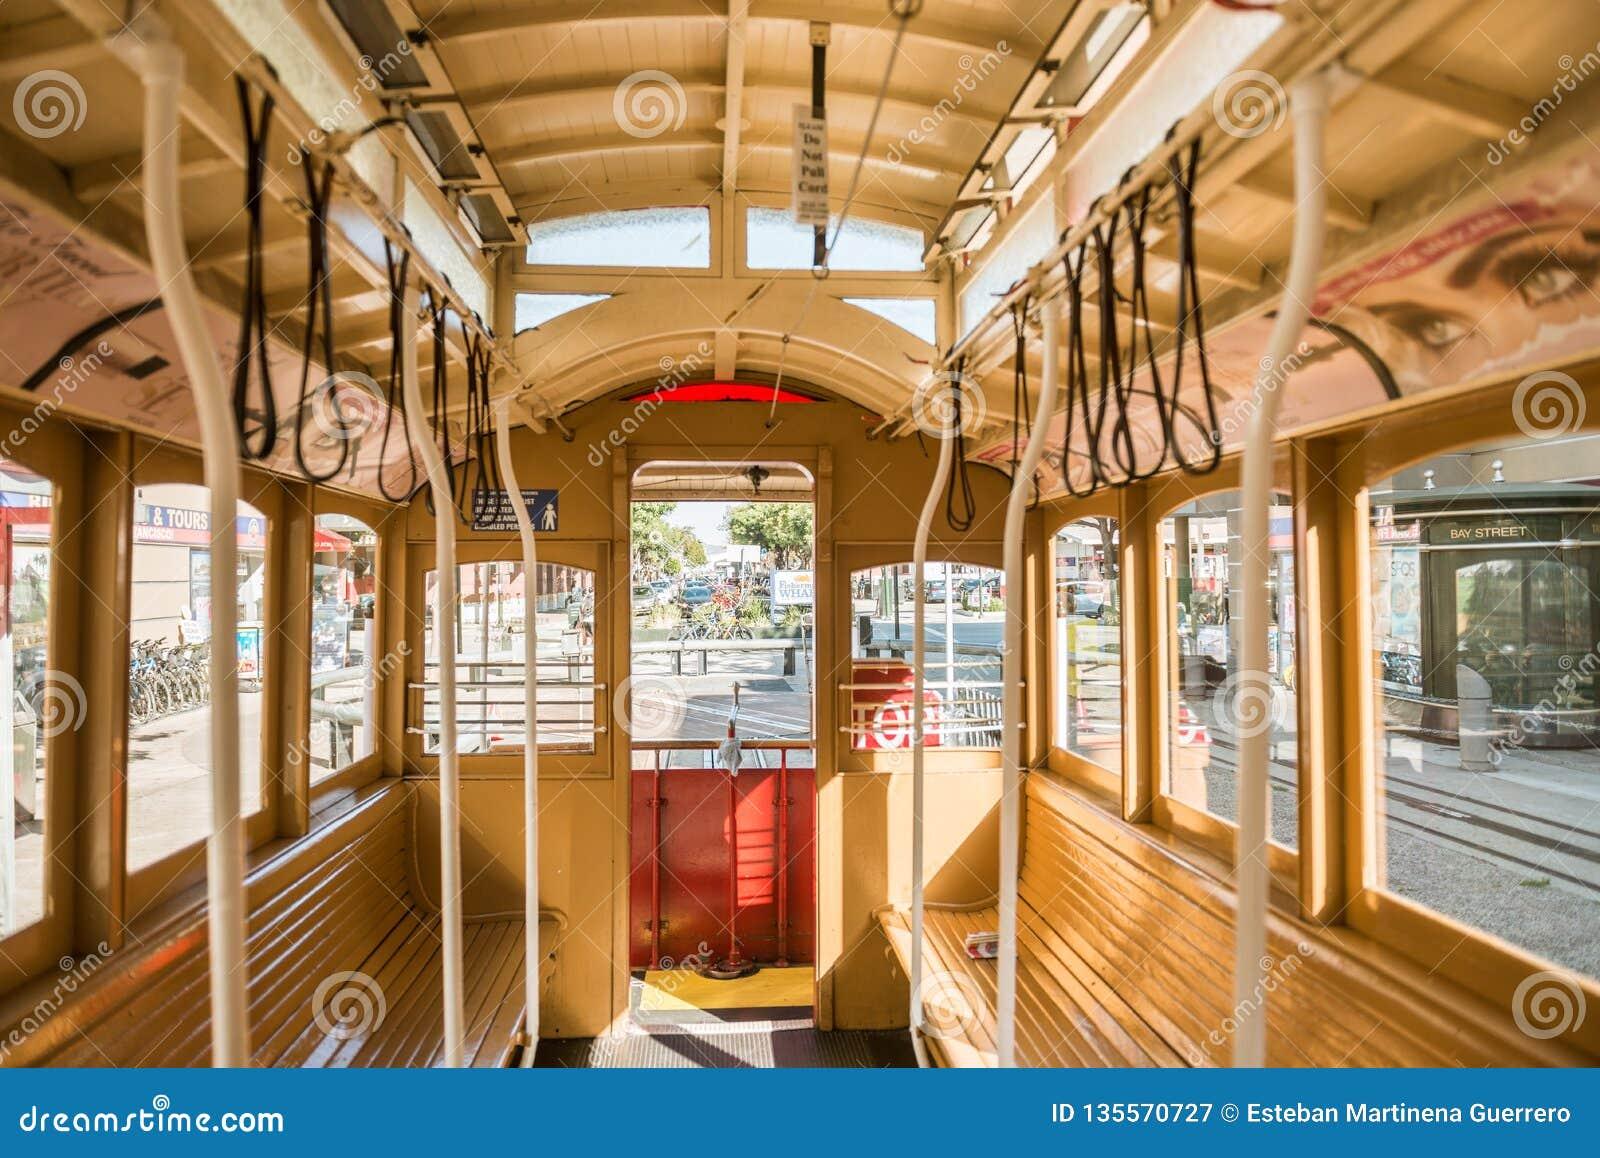 Деталь интерьера одного из фуникулера автомобилей трамвая Сан-Франциско, Калифорния, США